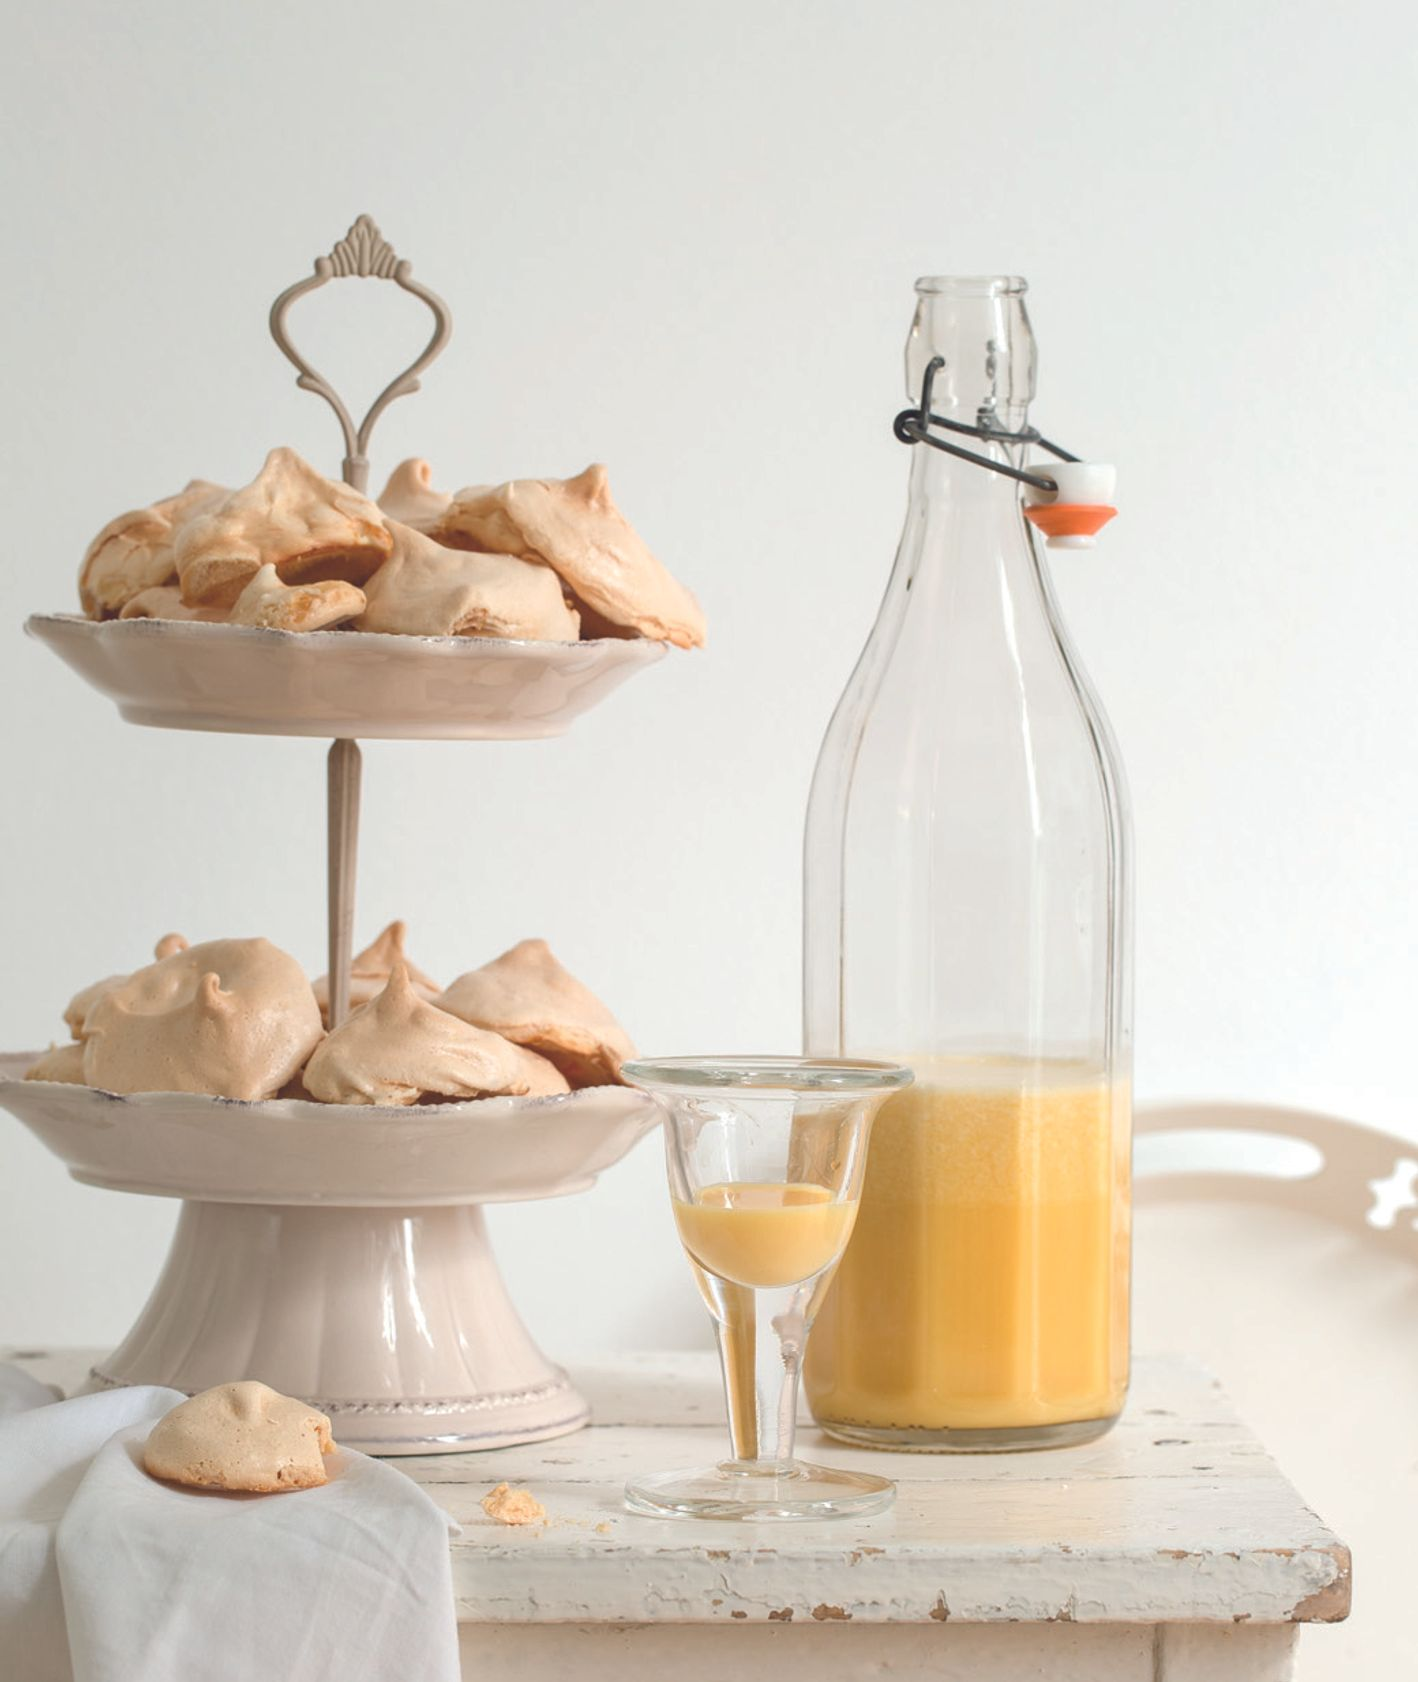 Butelka domowego ajerkoniaku, kremowy ajerkoniak w kieliszku, patera a bezami (fot. dinnershow studio)